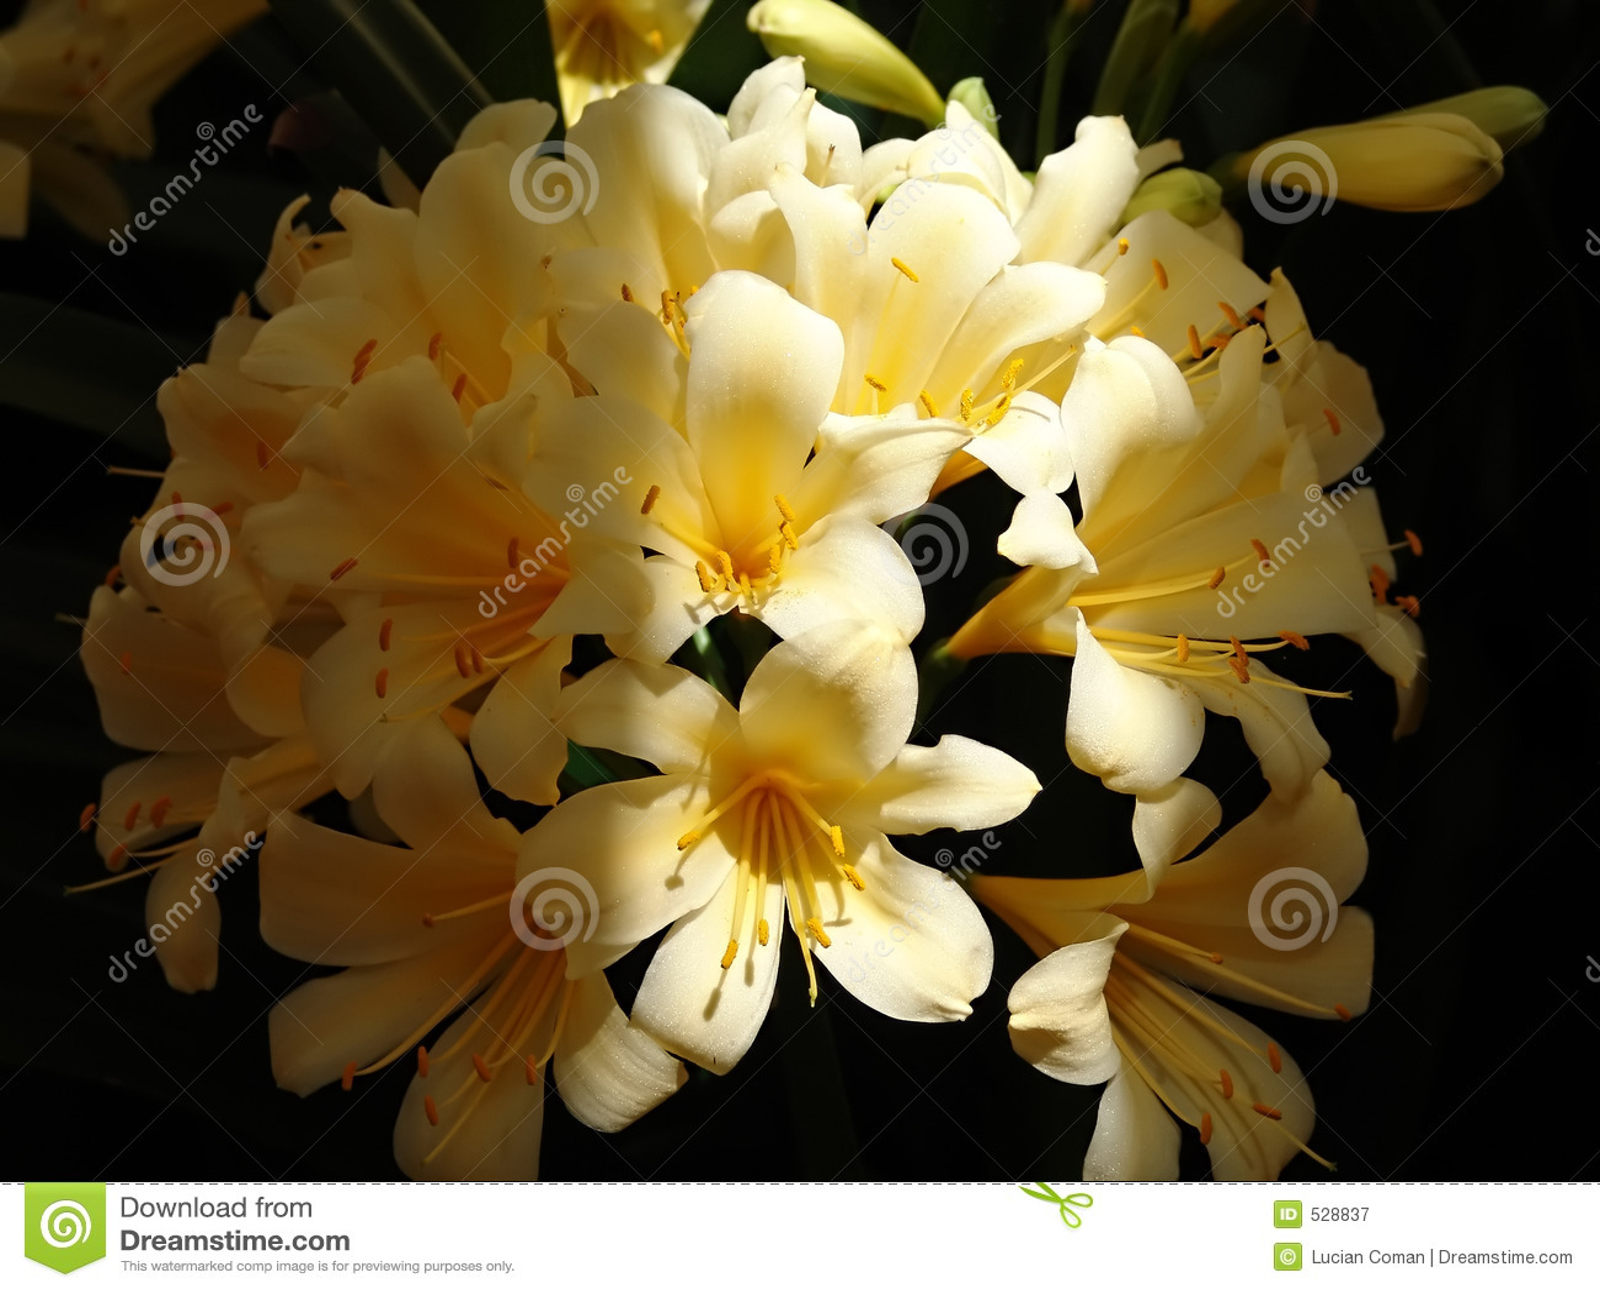 Download 开花的花黄色 库存图片. 图片 包括有 投反对票, 详细资料, 黄色, 弄脏, 工厂, 用花装饰, 雄芯花蕊 - 528837